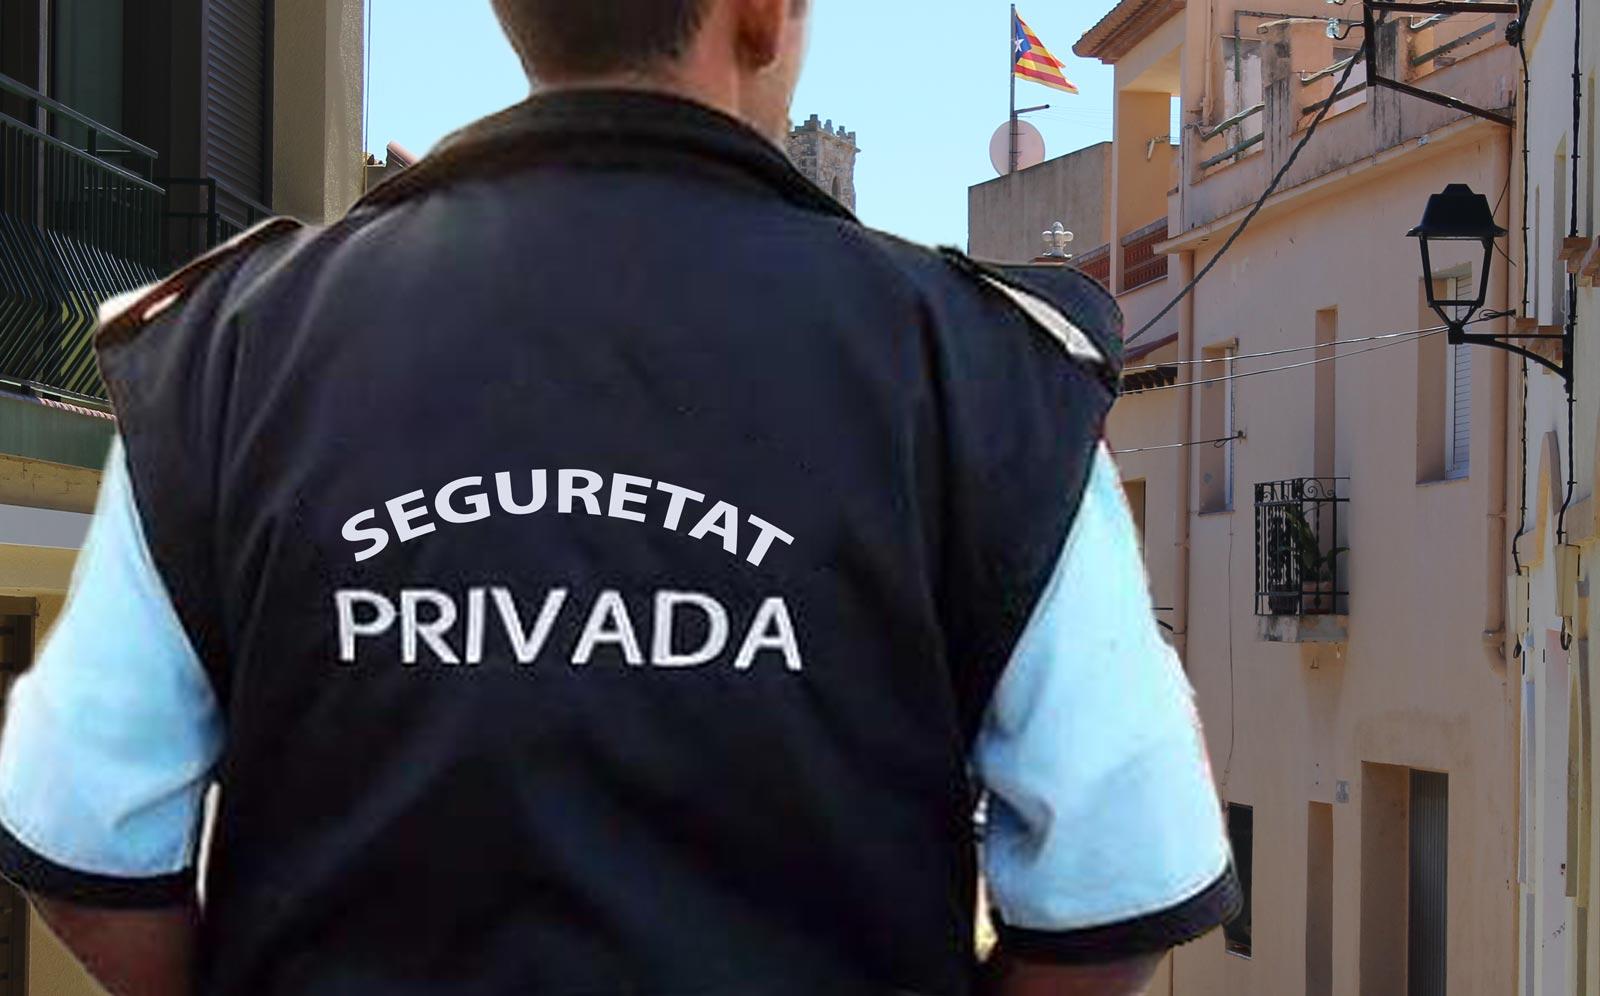 L'Ajuntament contracta amb caràcter d'urgència una empresa de vigilància externa